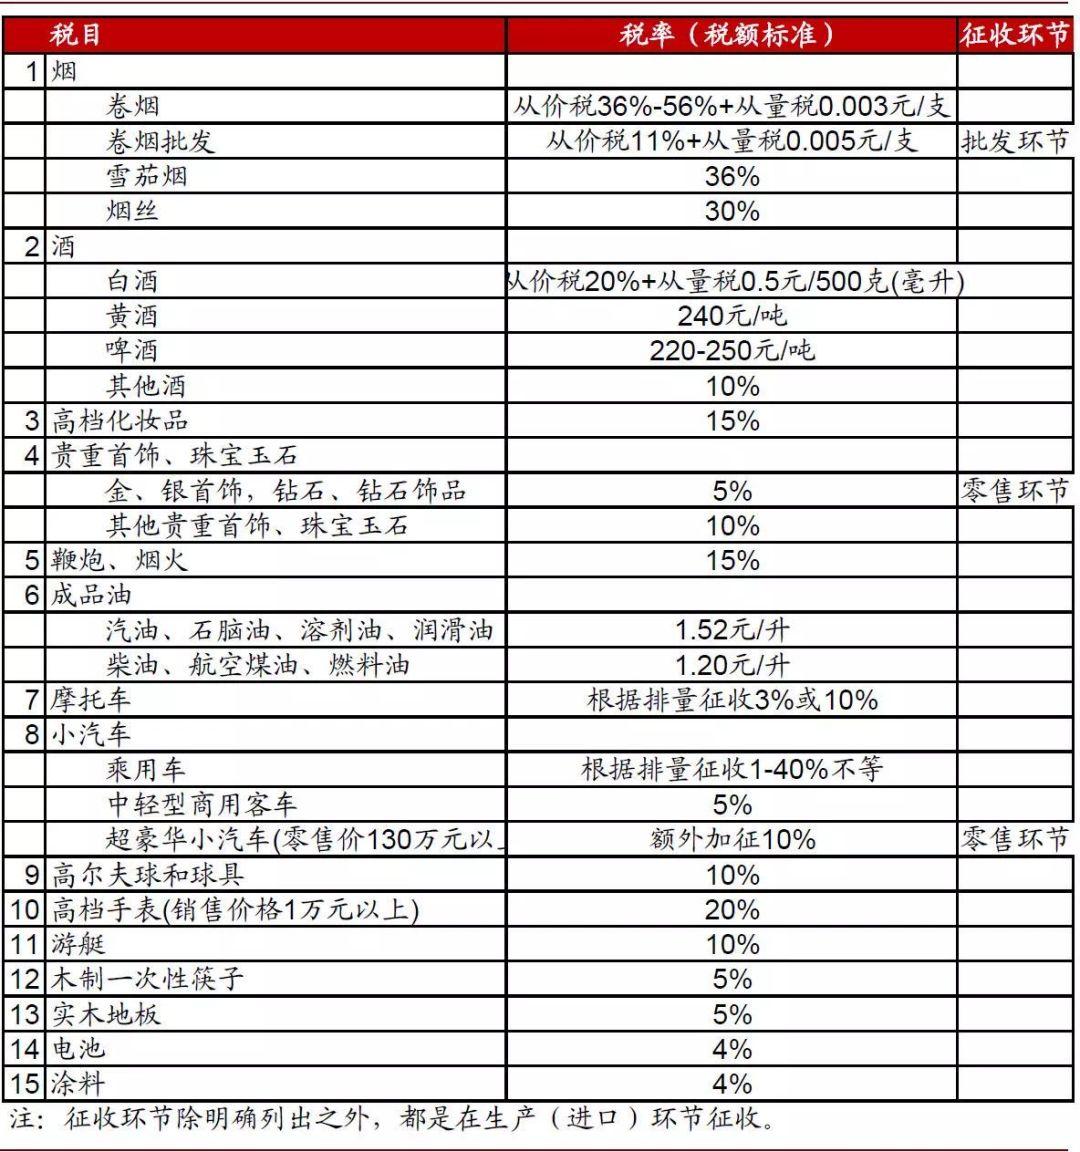 2018年中国保险行业法律健康蓝皮书发布 引嘉宾热议